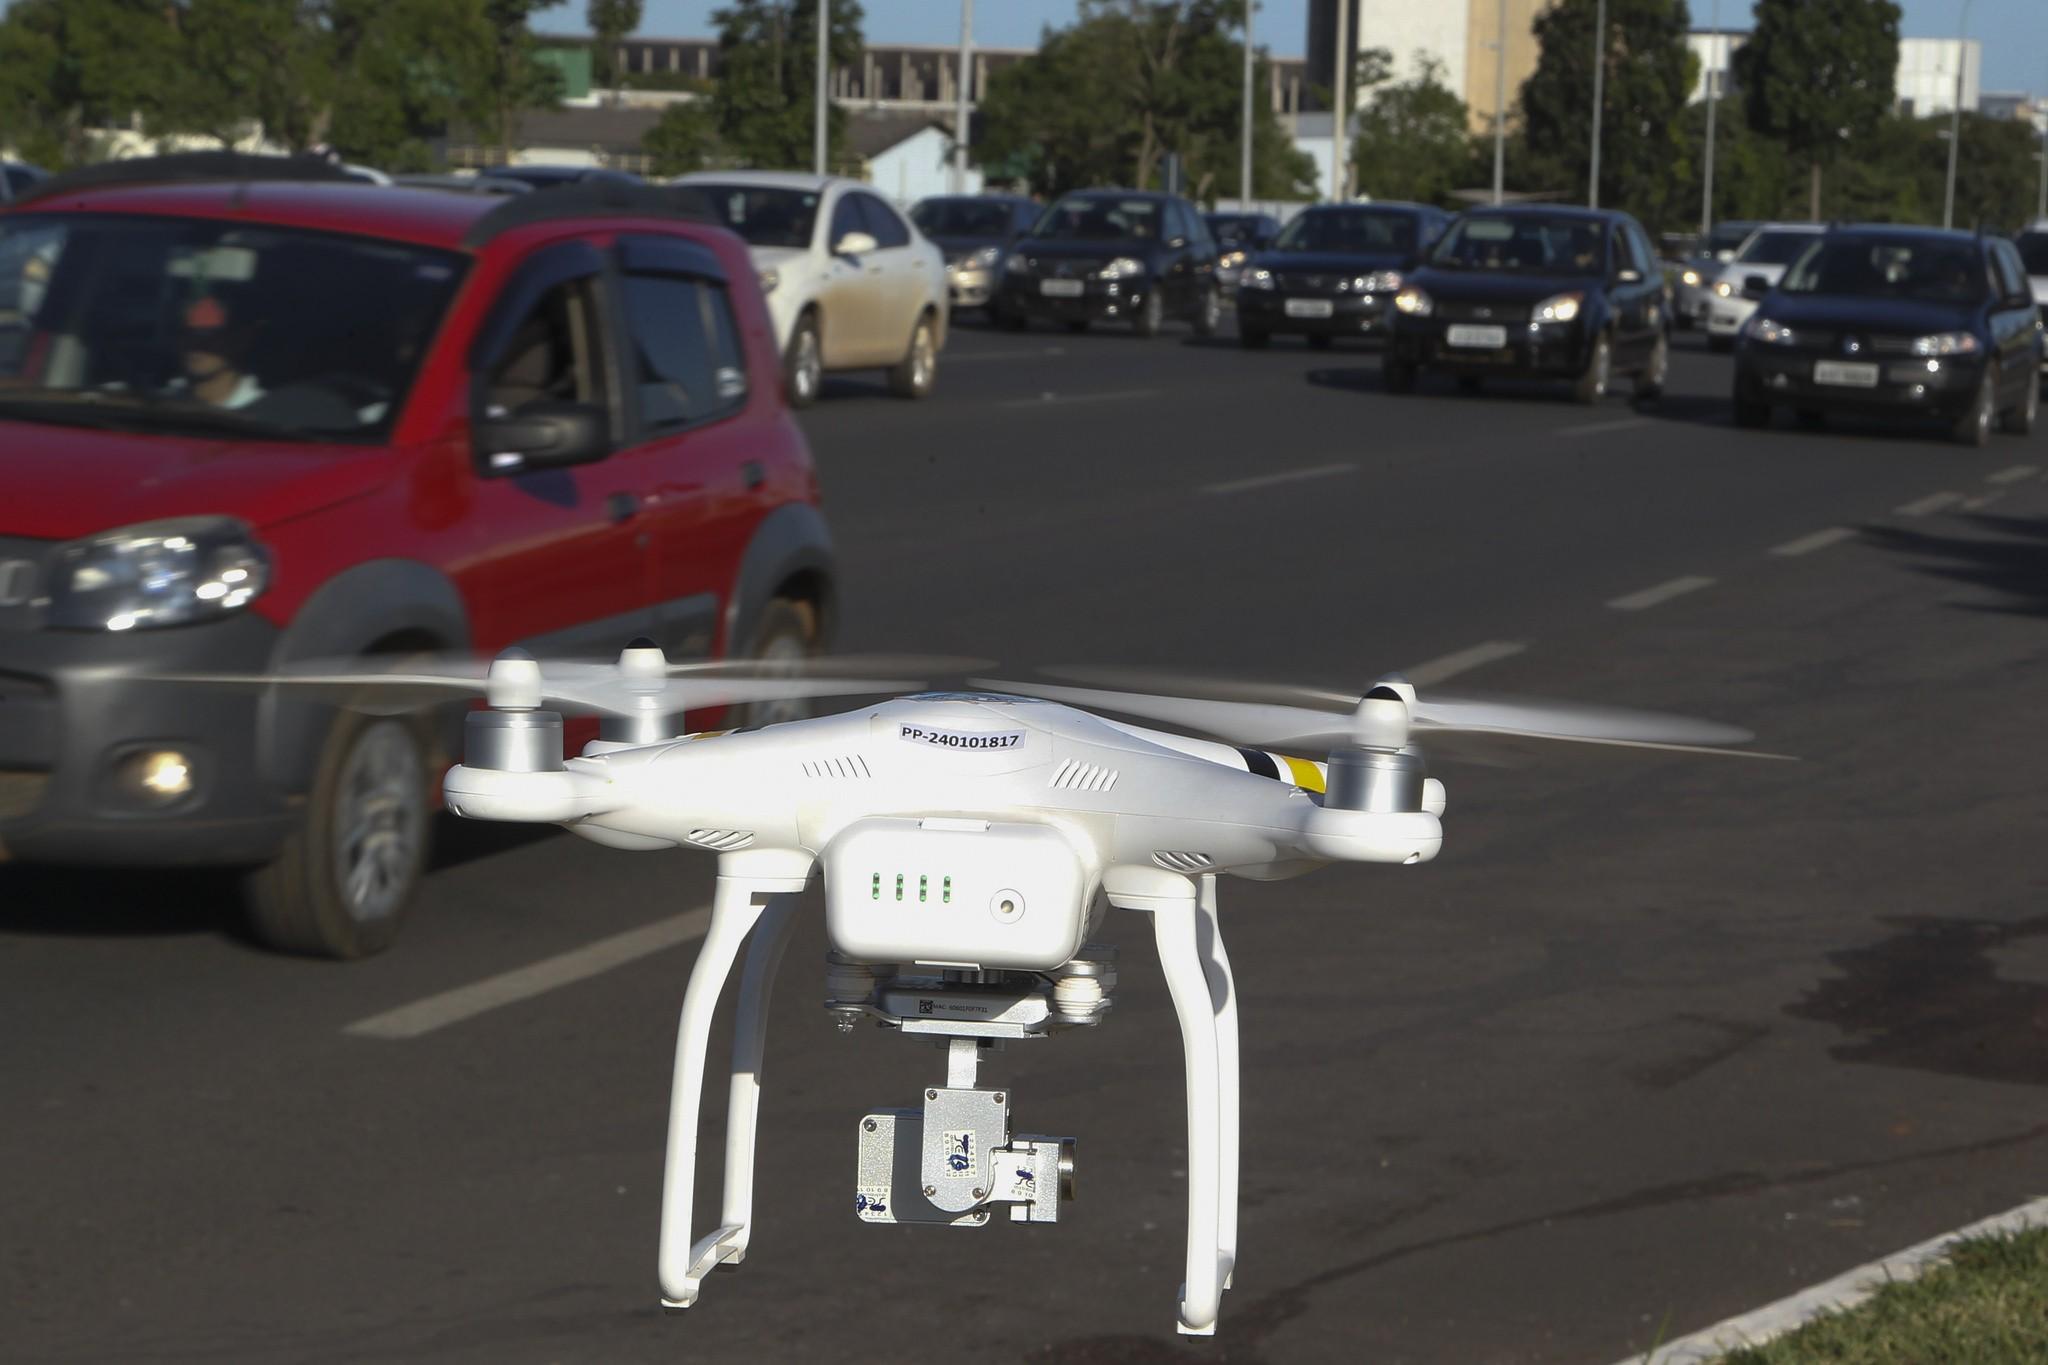 Companhias aéreas apoiam criação de registro global de drones